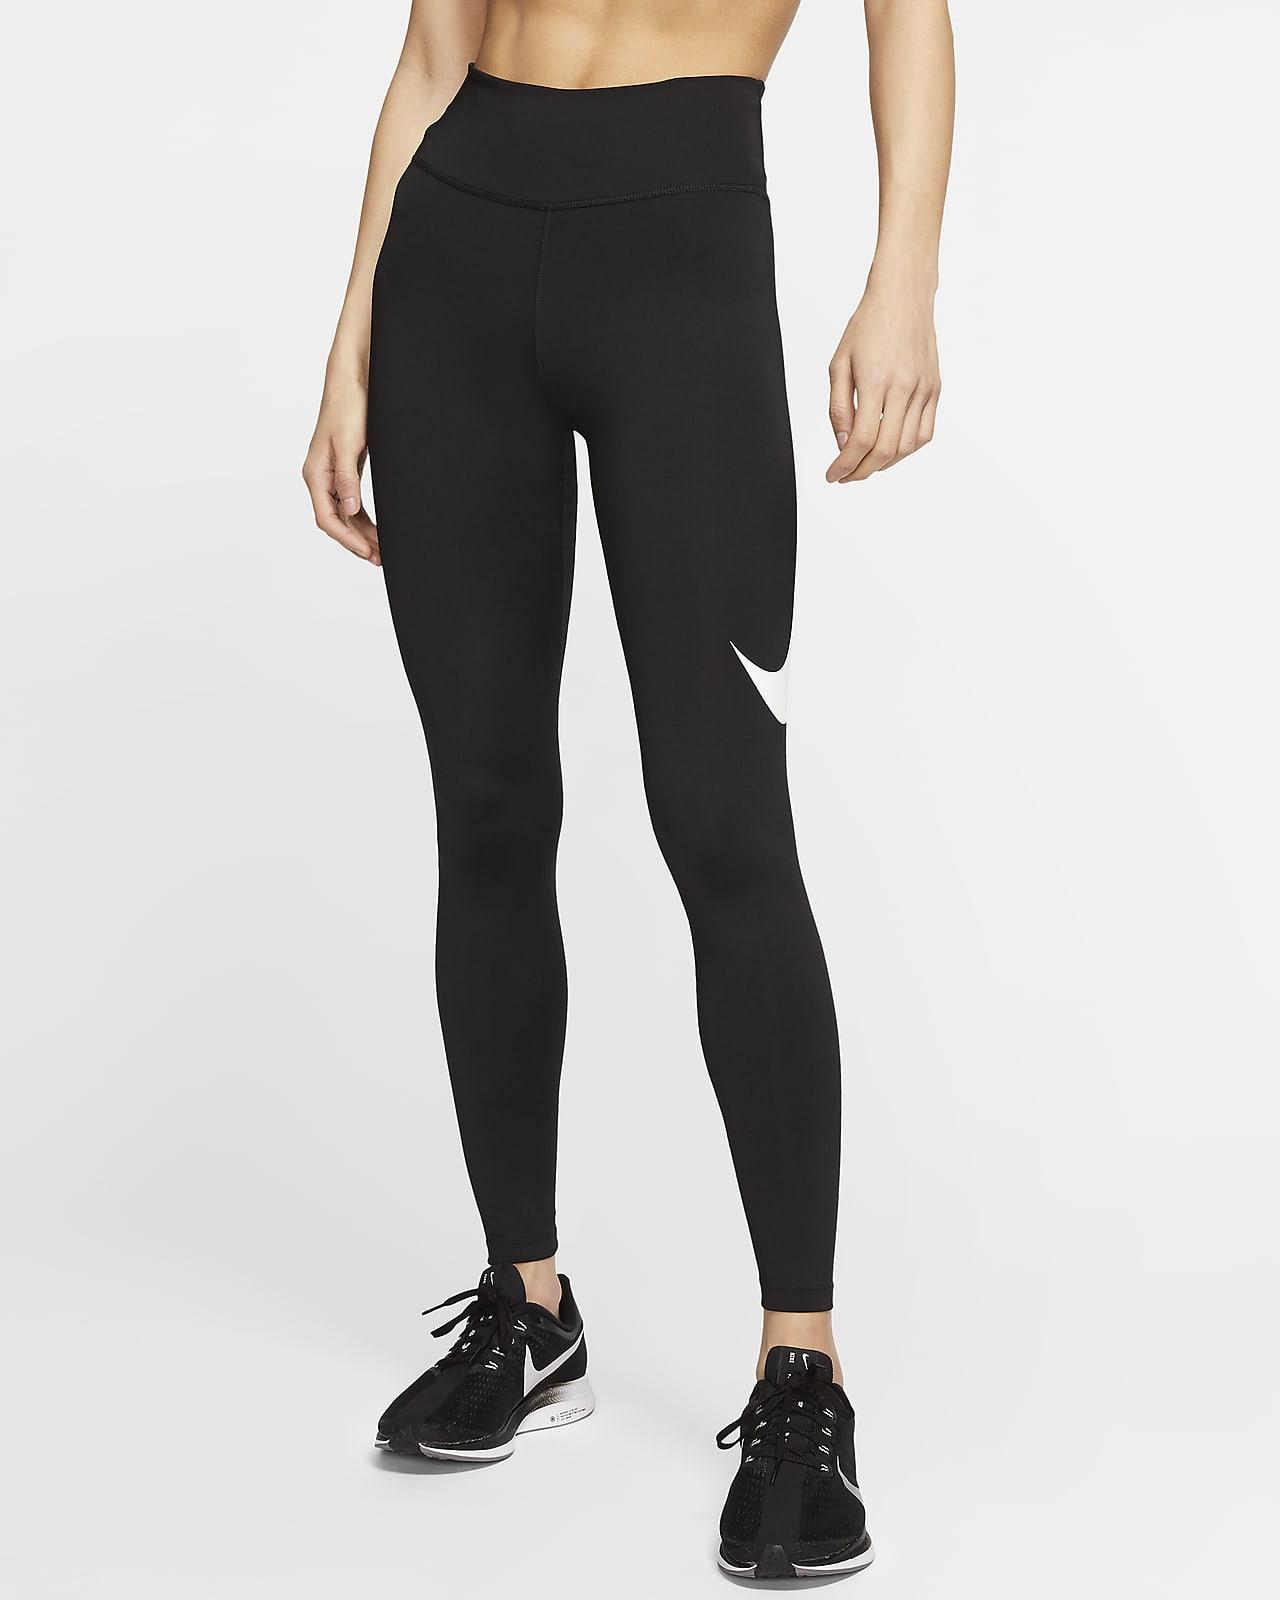 Nike Women's Mid-Rise 7/8 Running Leggings